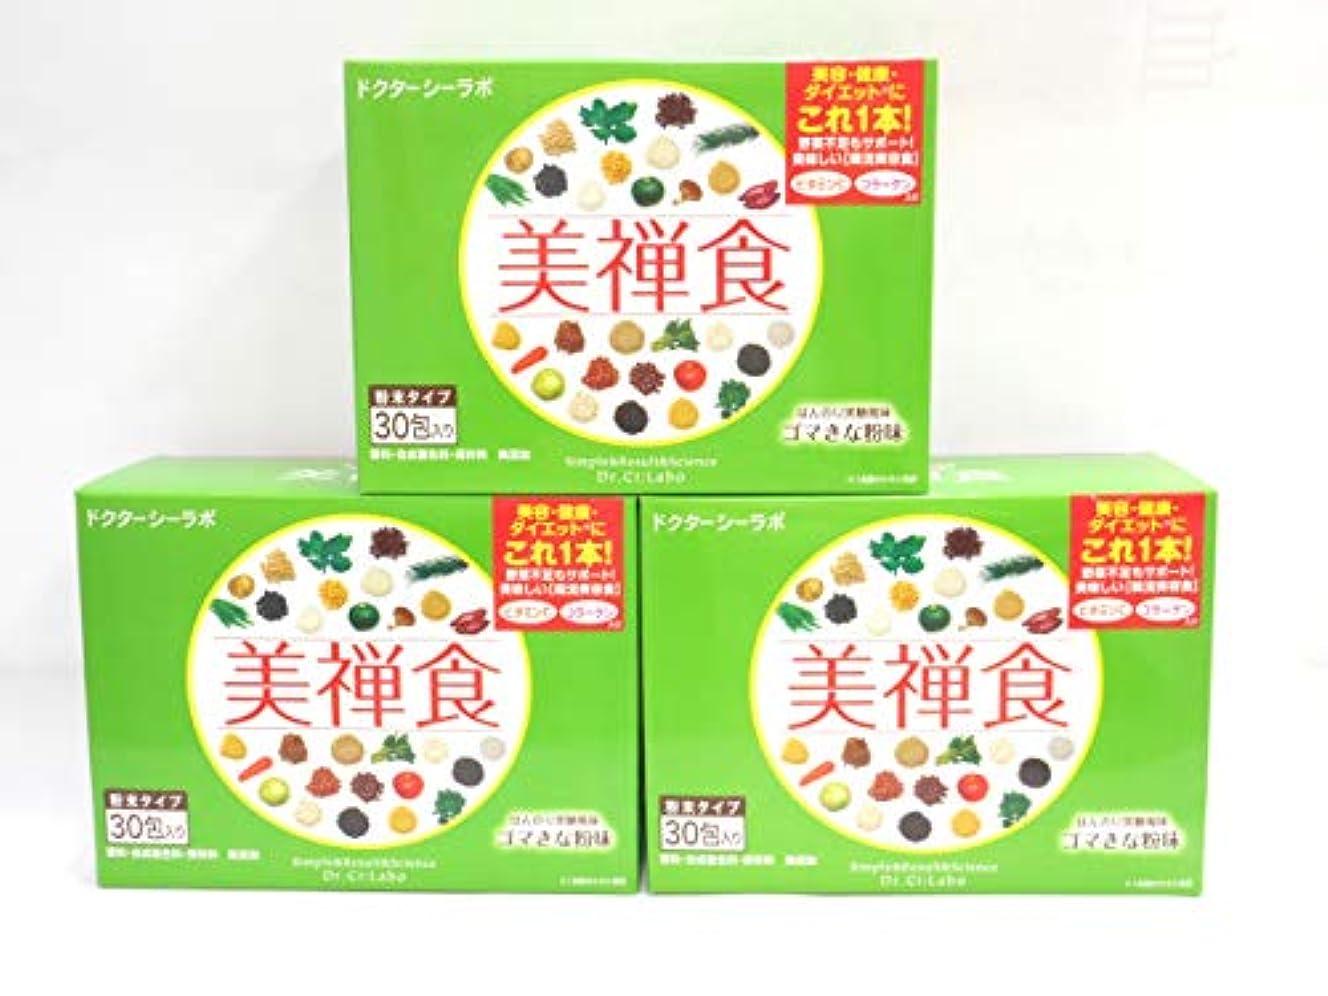 アサートスクラップ乞食ドクターシーラボ 美禅食 (15.4g×30包) 3箱セット